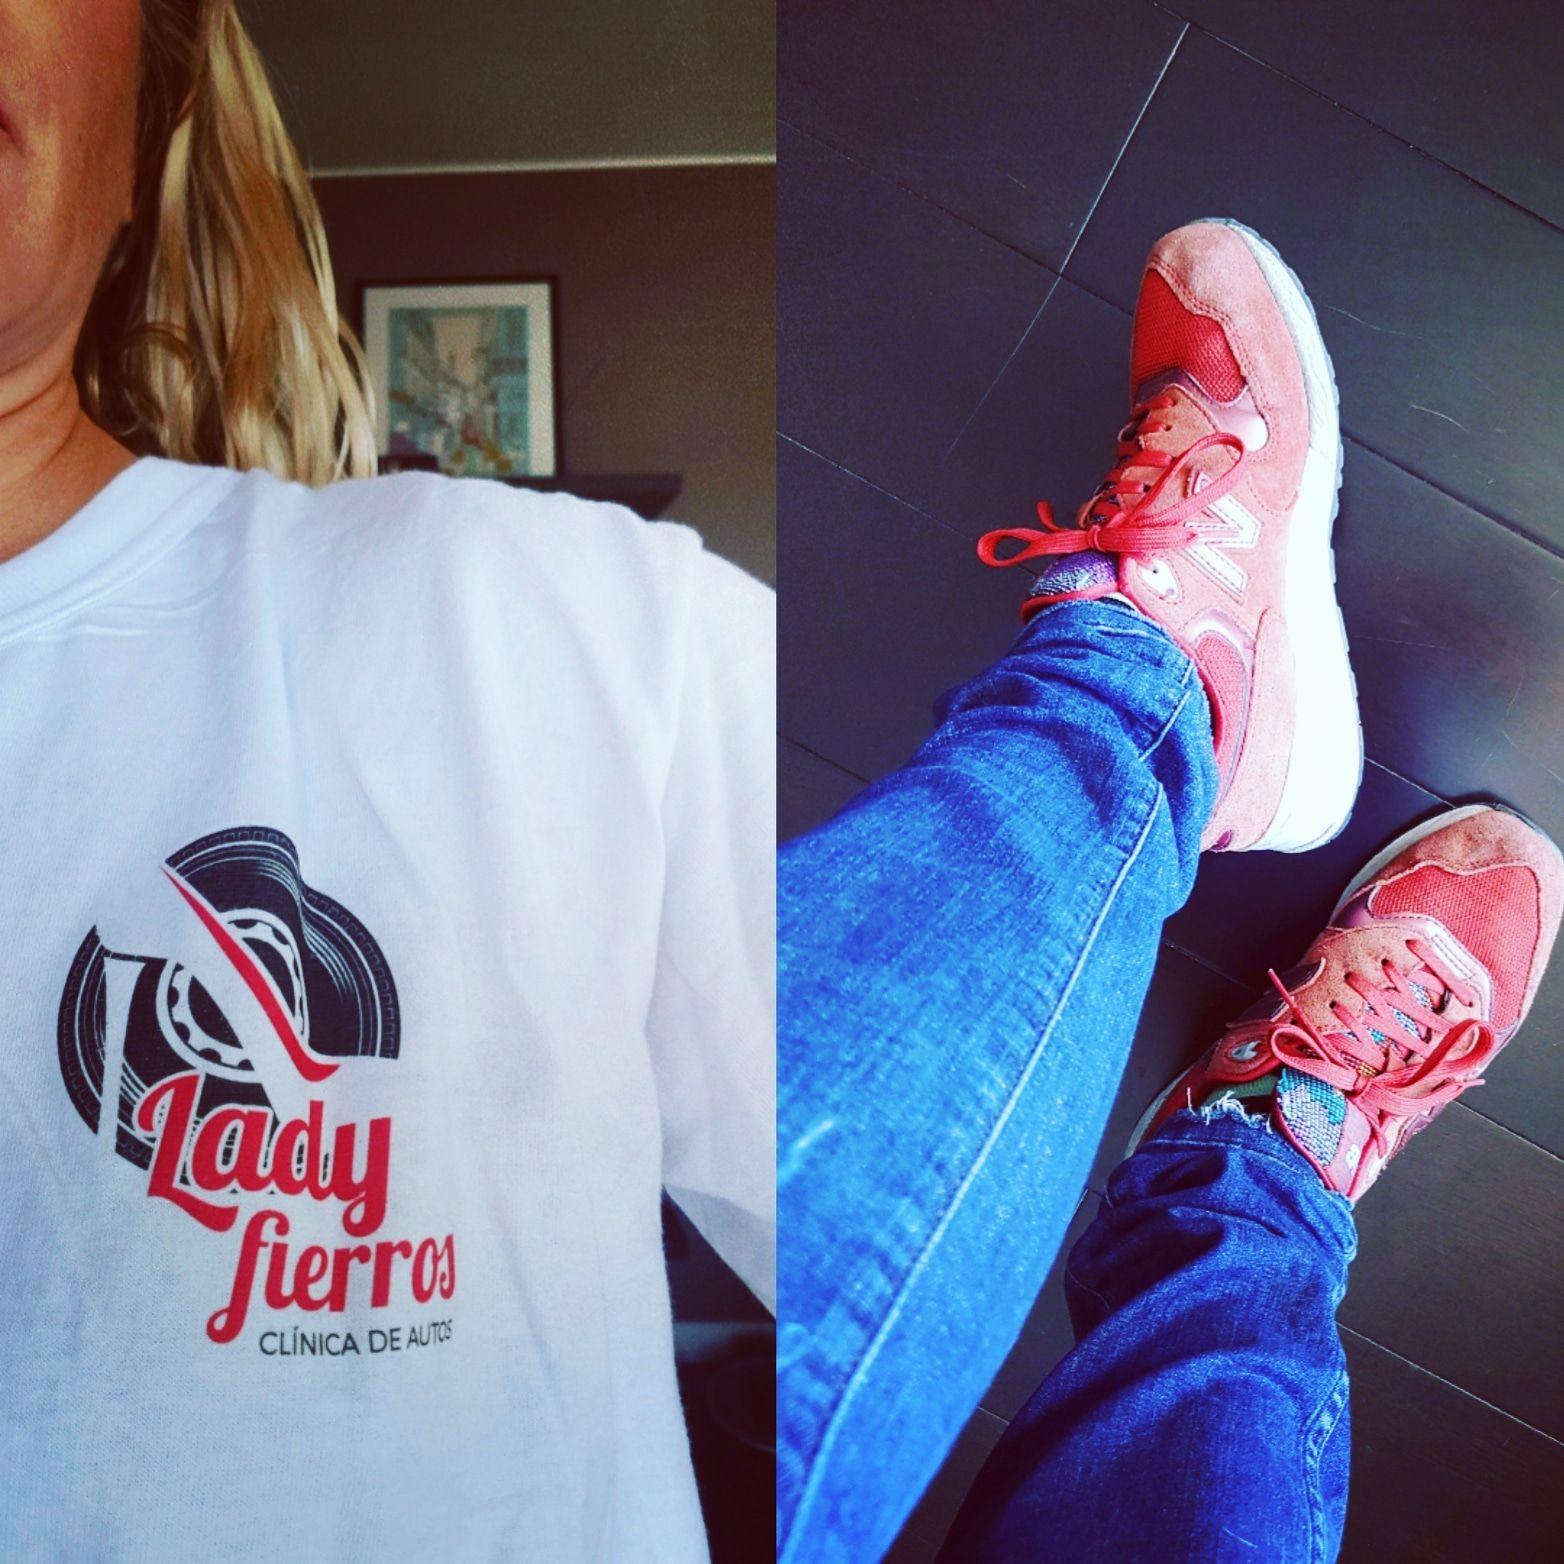 Lady Fierros apoya #RedShoeTuesday desde su lugar de influencia. Bravo!